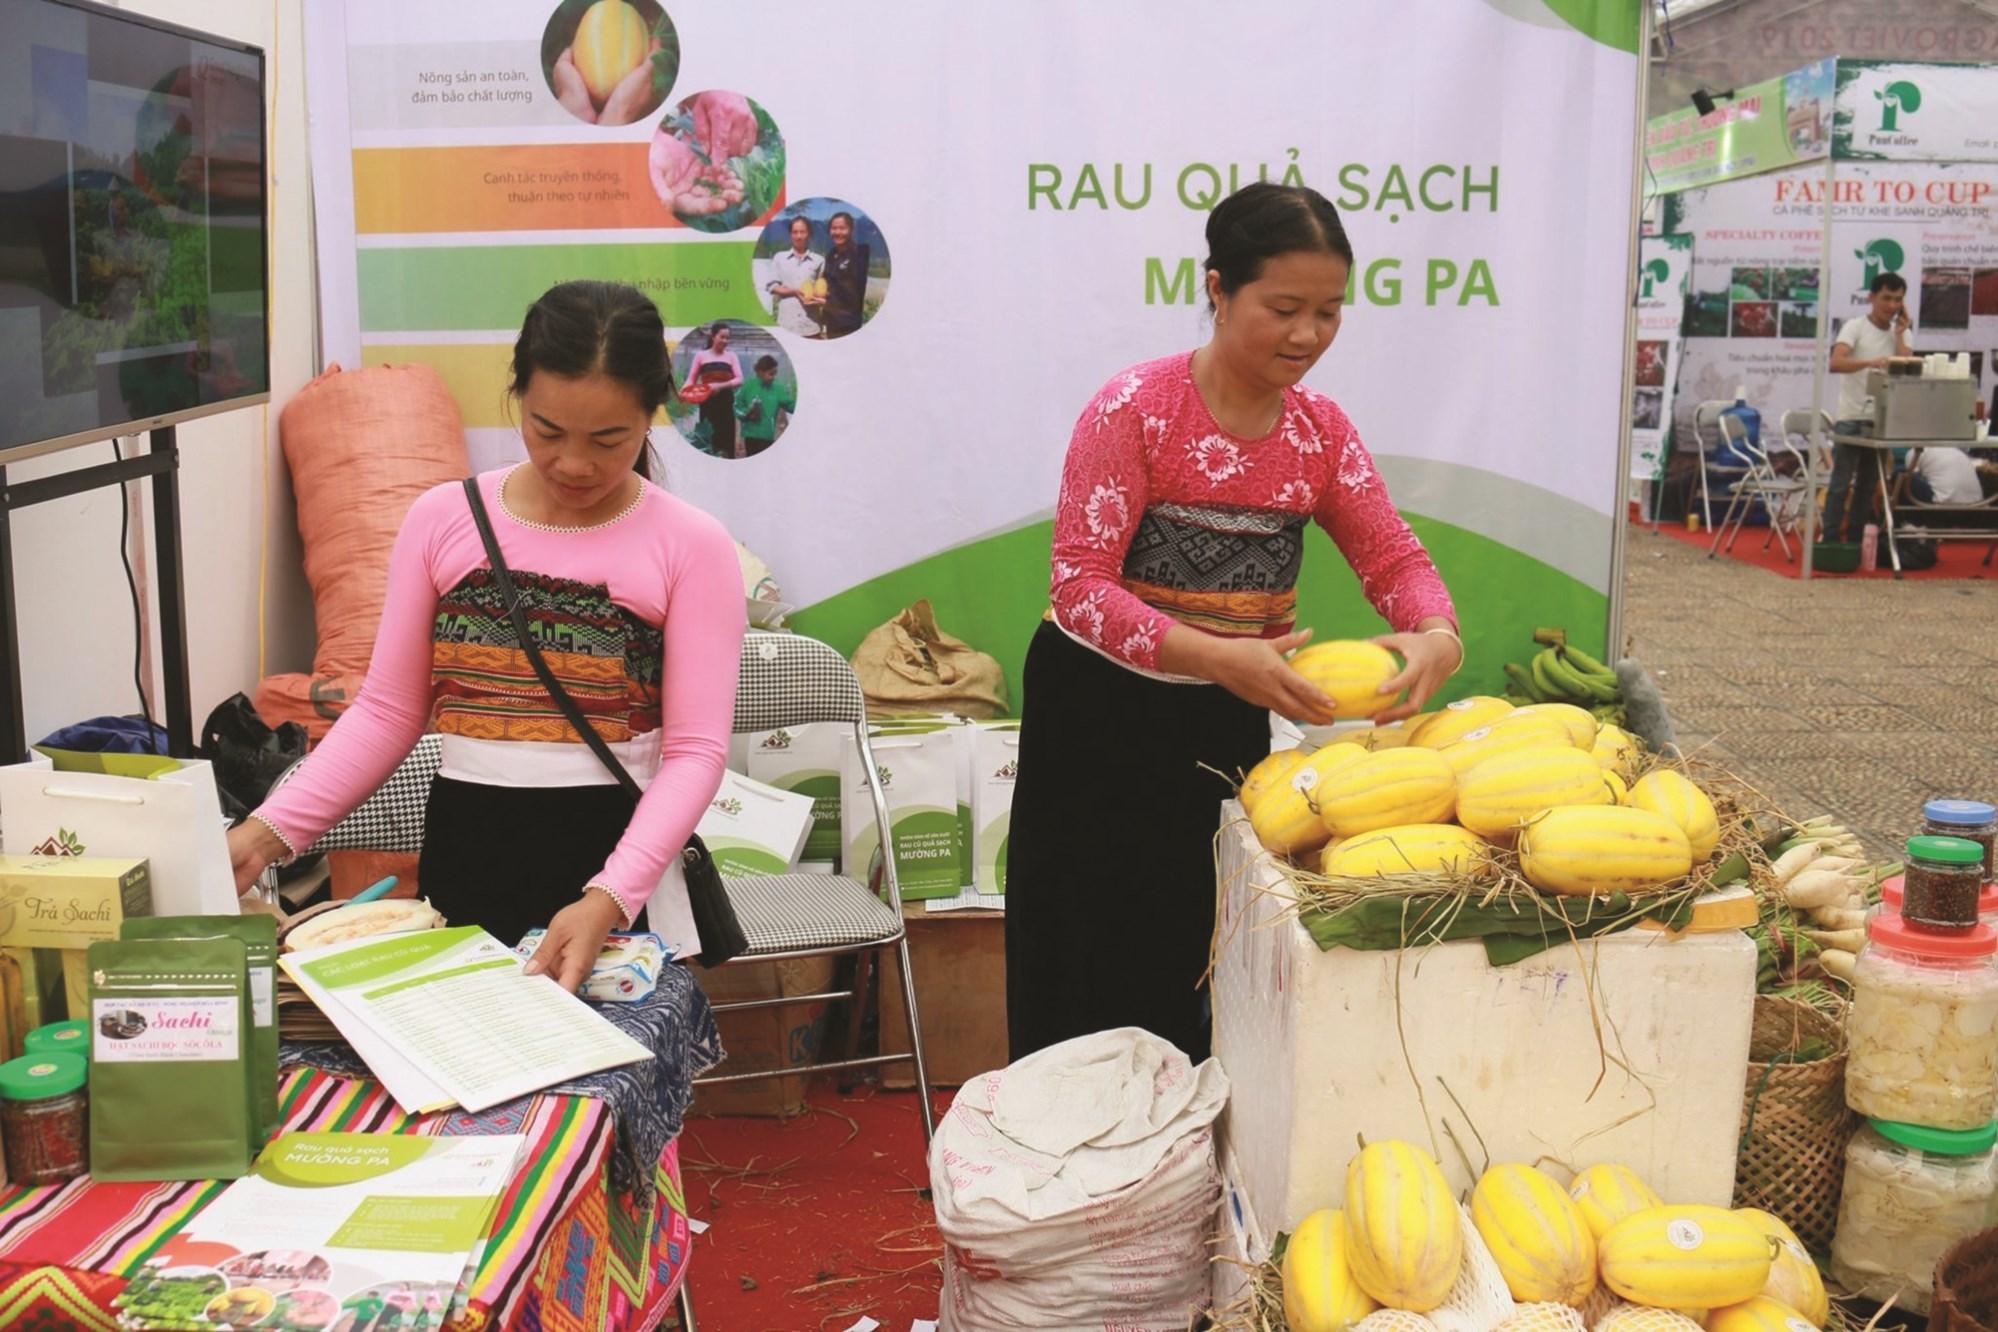 Dưa lê siêu ngọt Hàn Quốc của người dân xã Xăm Khòe, huyện Mai Châu (Hòa Bình)